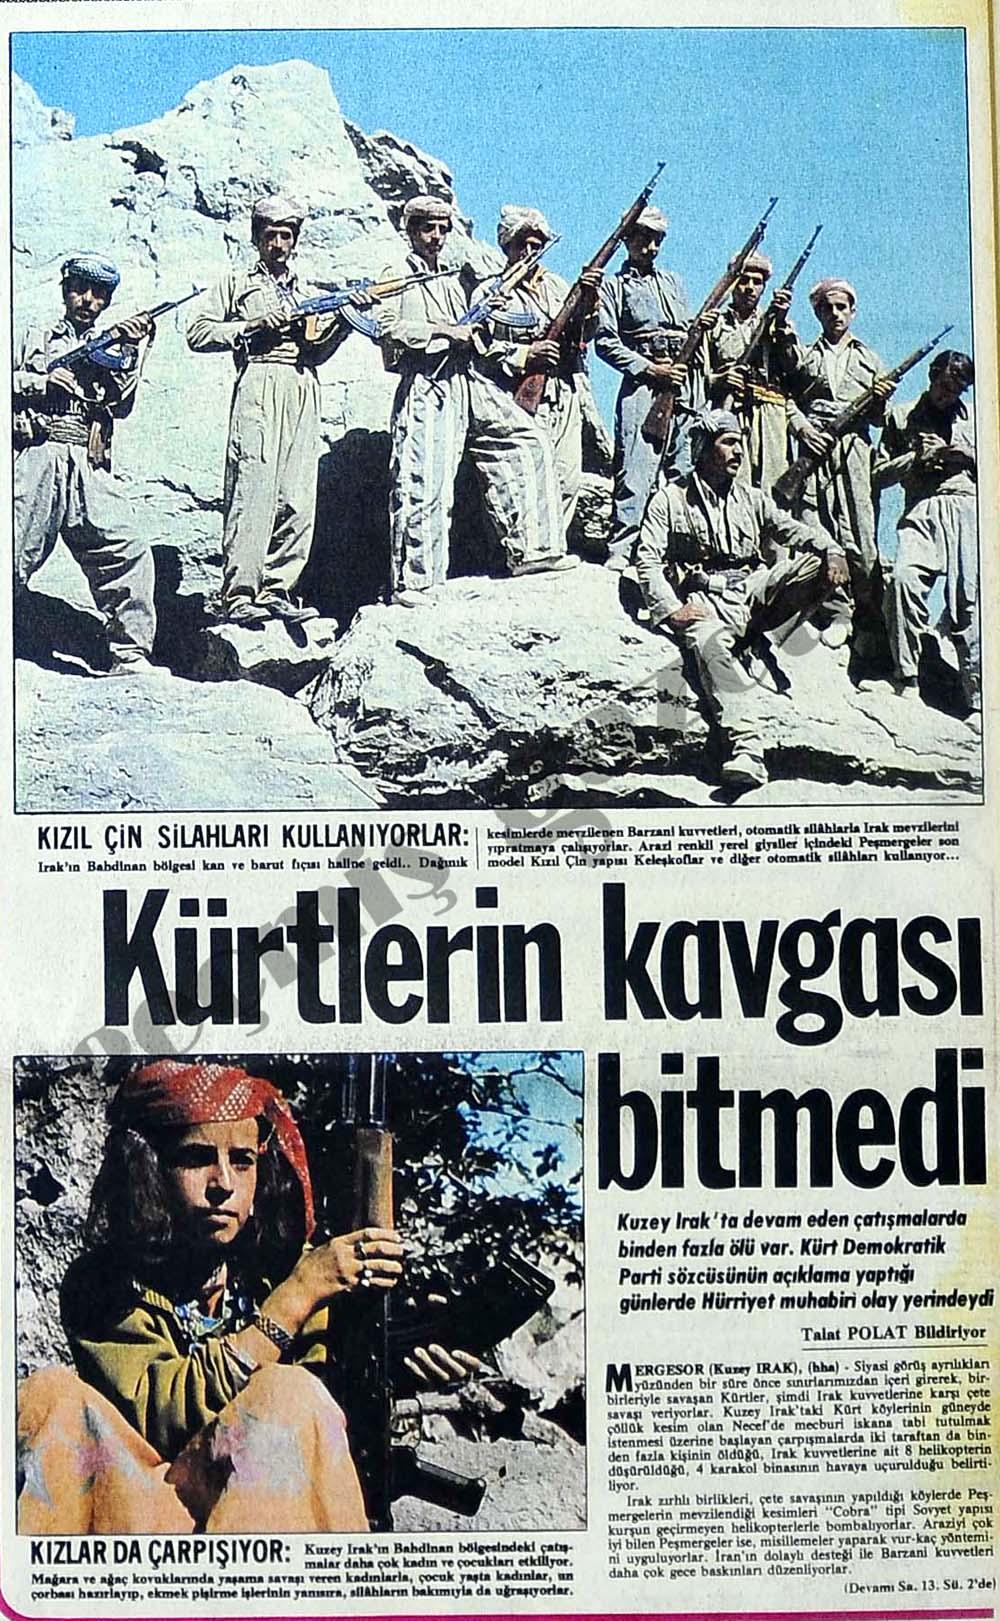 Kürtlerin kavgası bitmedi